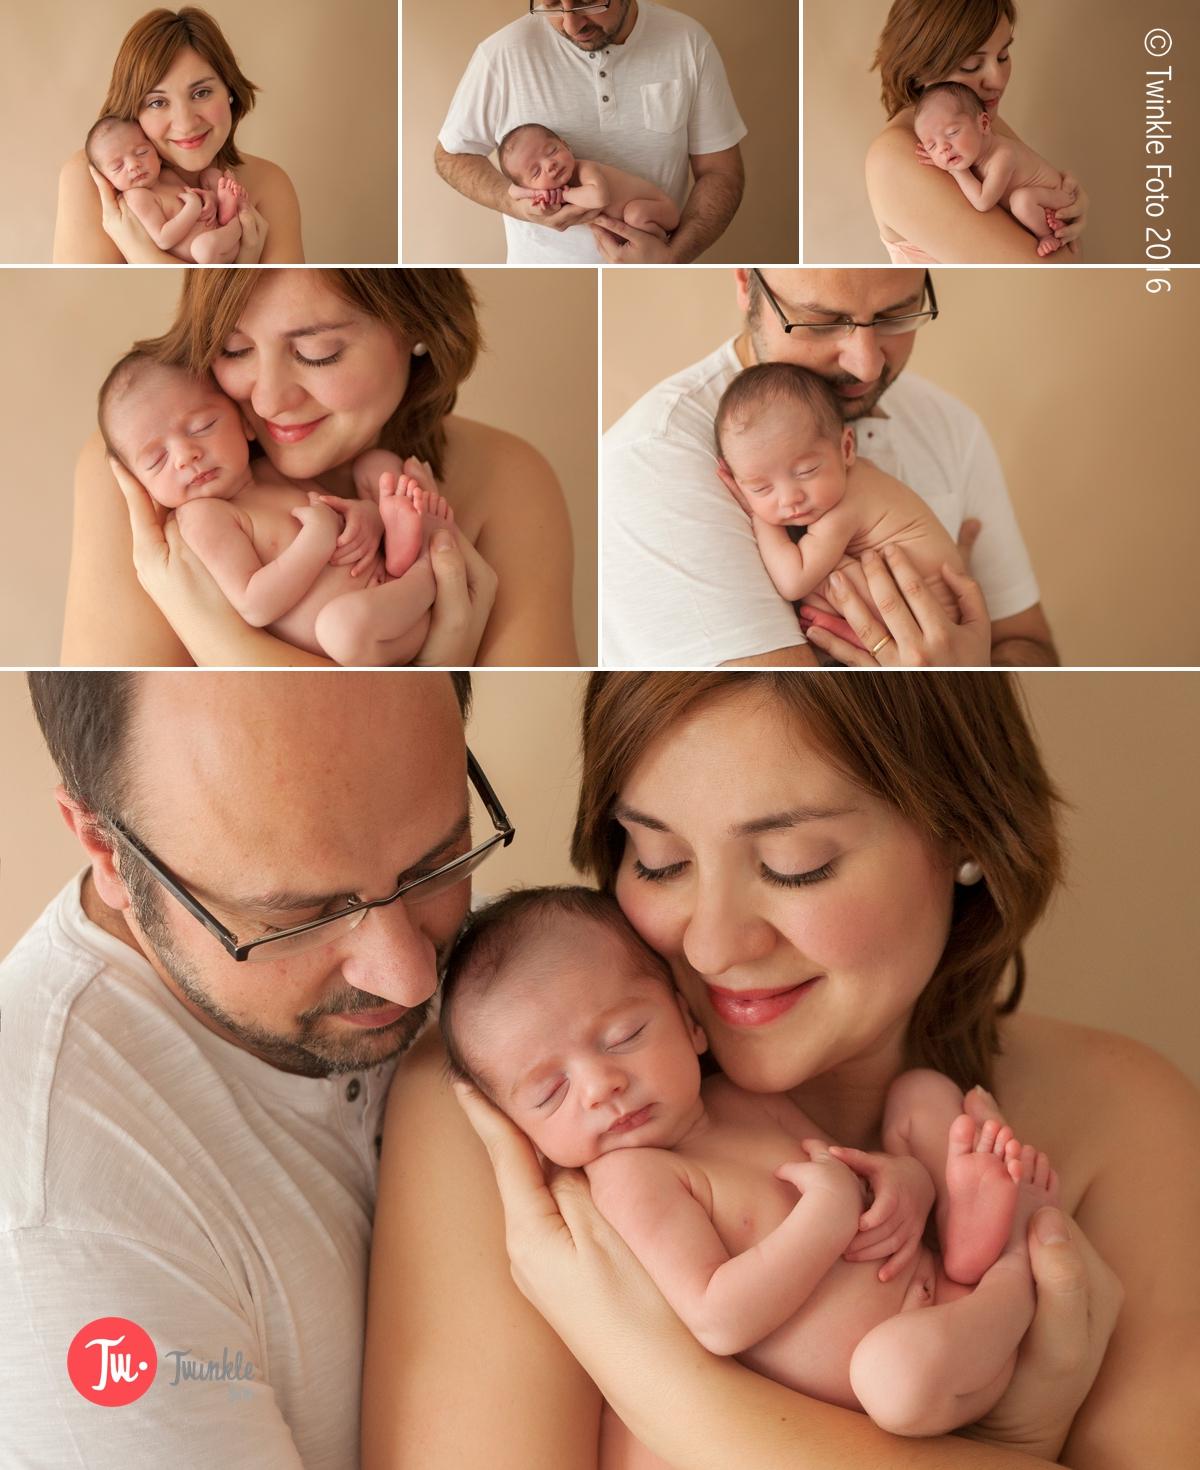 fotos bebe recien nacido valencia_twinkle foto_pb02